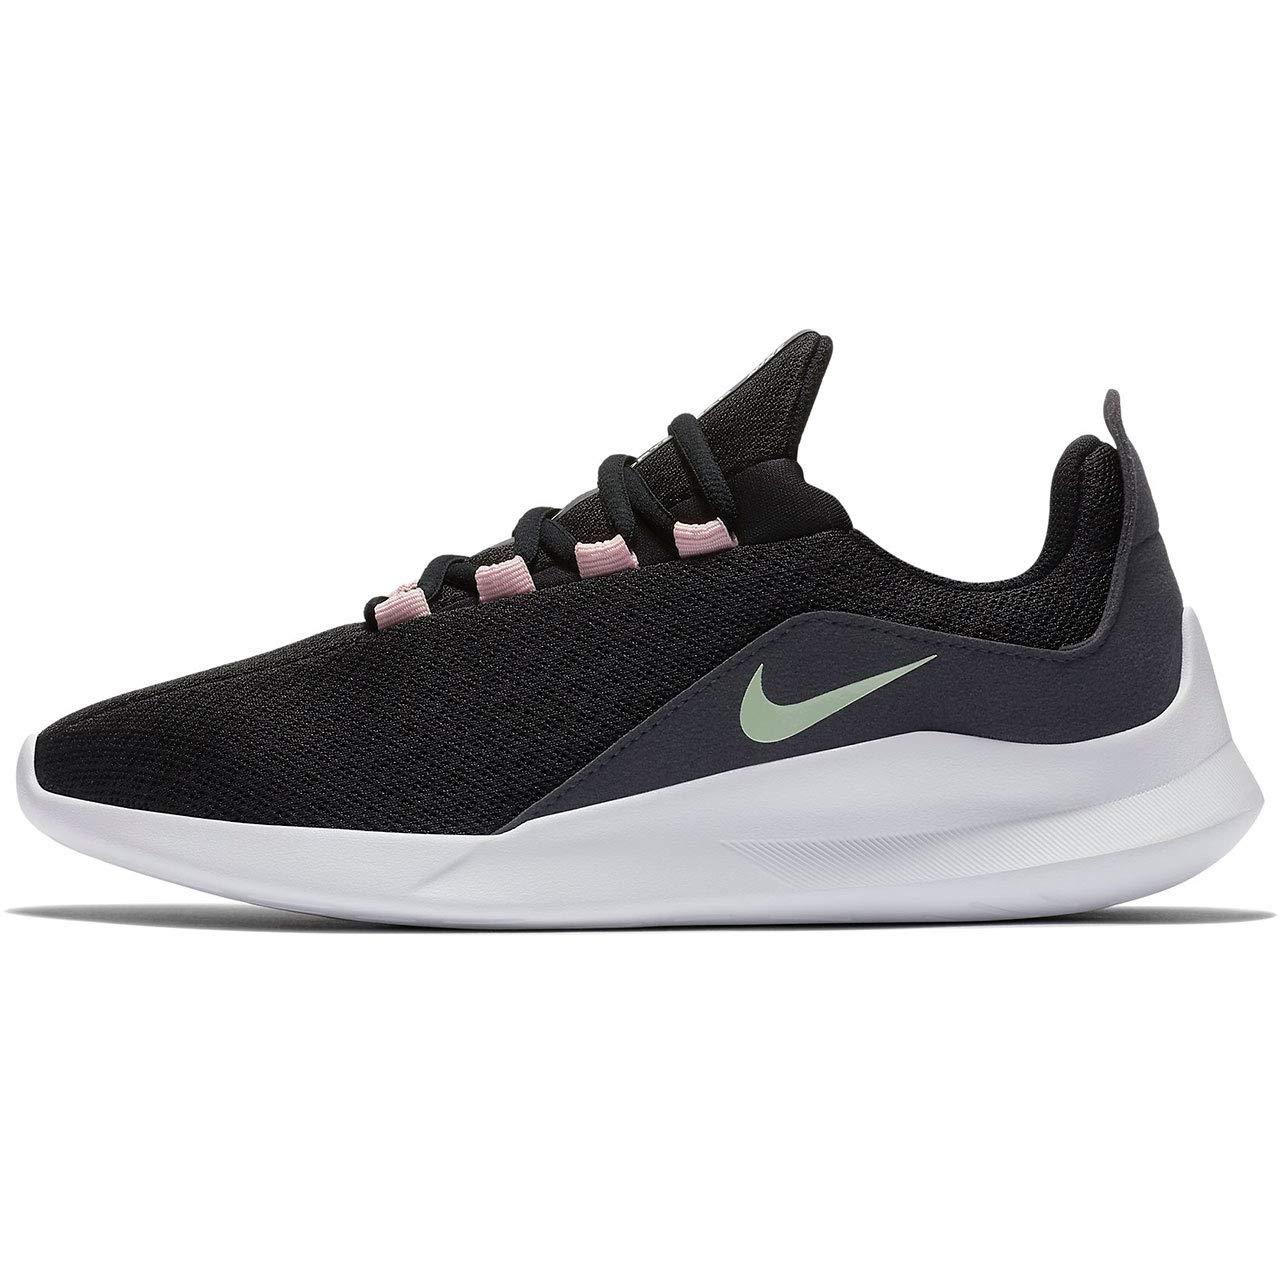 MultiCouleure (noir Barely Barely Volt Storm rose Anthracite 004) Nike WMNS Viale, Chaussures de Fitness Femme  sortie d'exportation